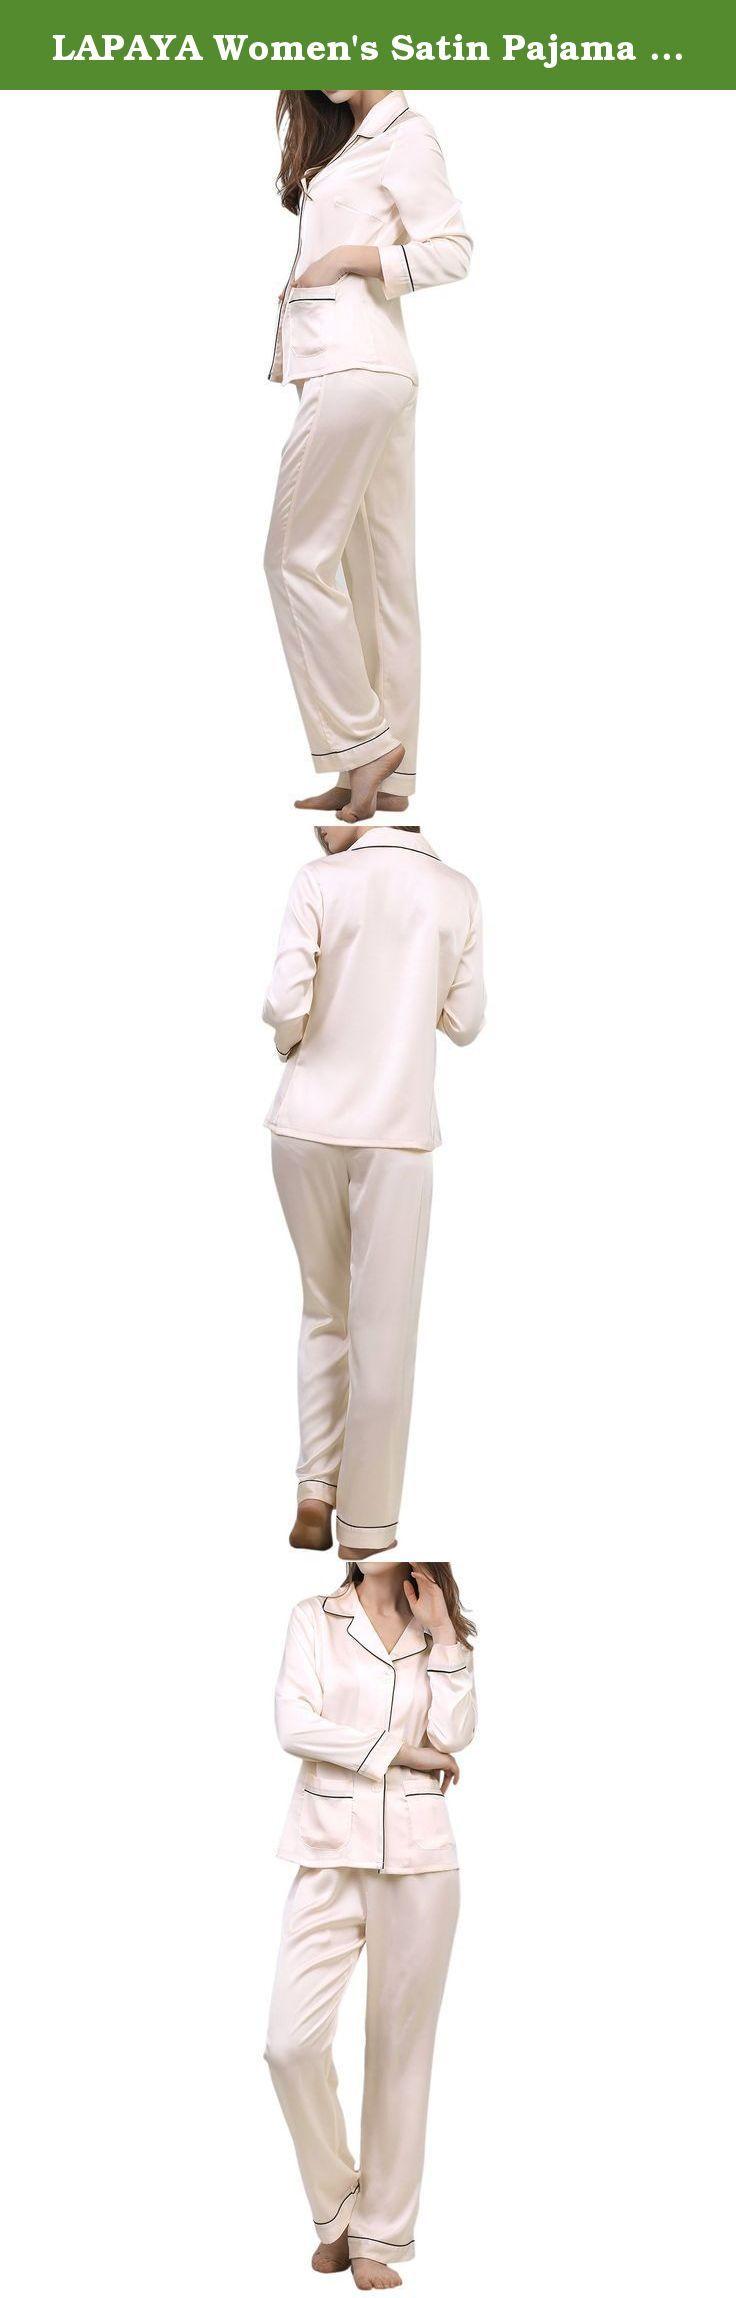 LAPAYA Women's Satin Pajama Sets Long Sleeve Button Down Silky Two Piece Pajamas, Light Pink, Tag size L=US size S. LAPAYA Women's Satin Pajama Sets Long Sleeve Button Down Silky Two Piece Pajamas.